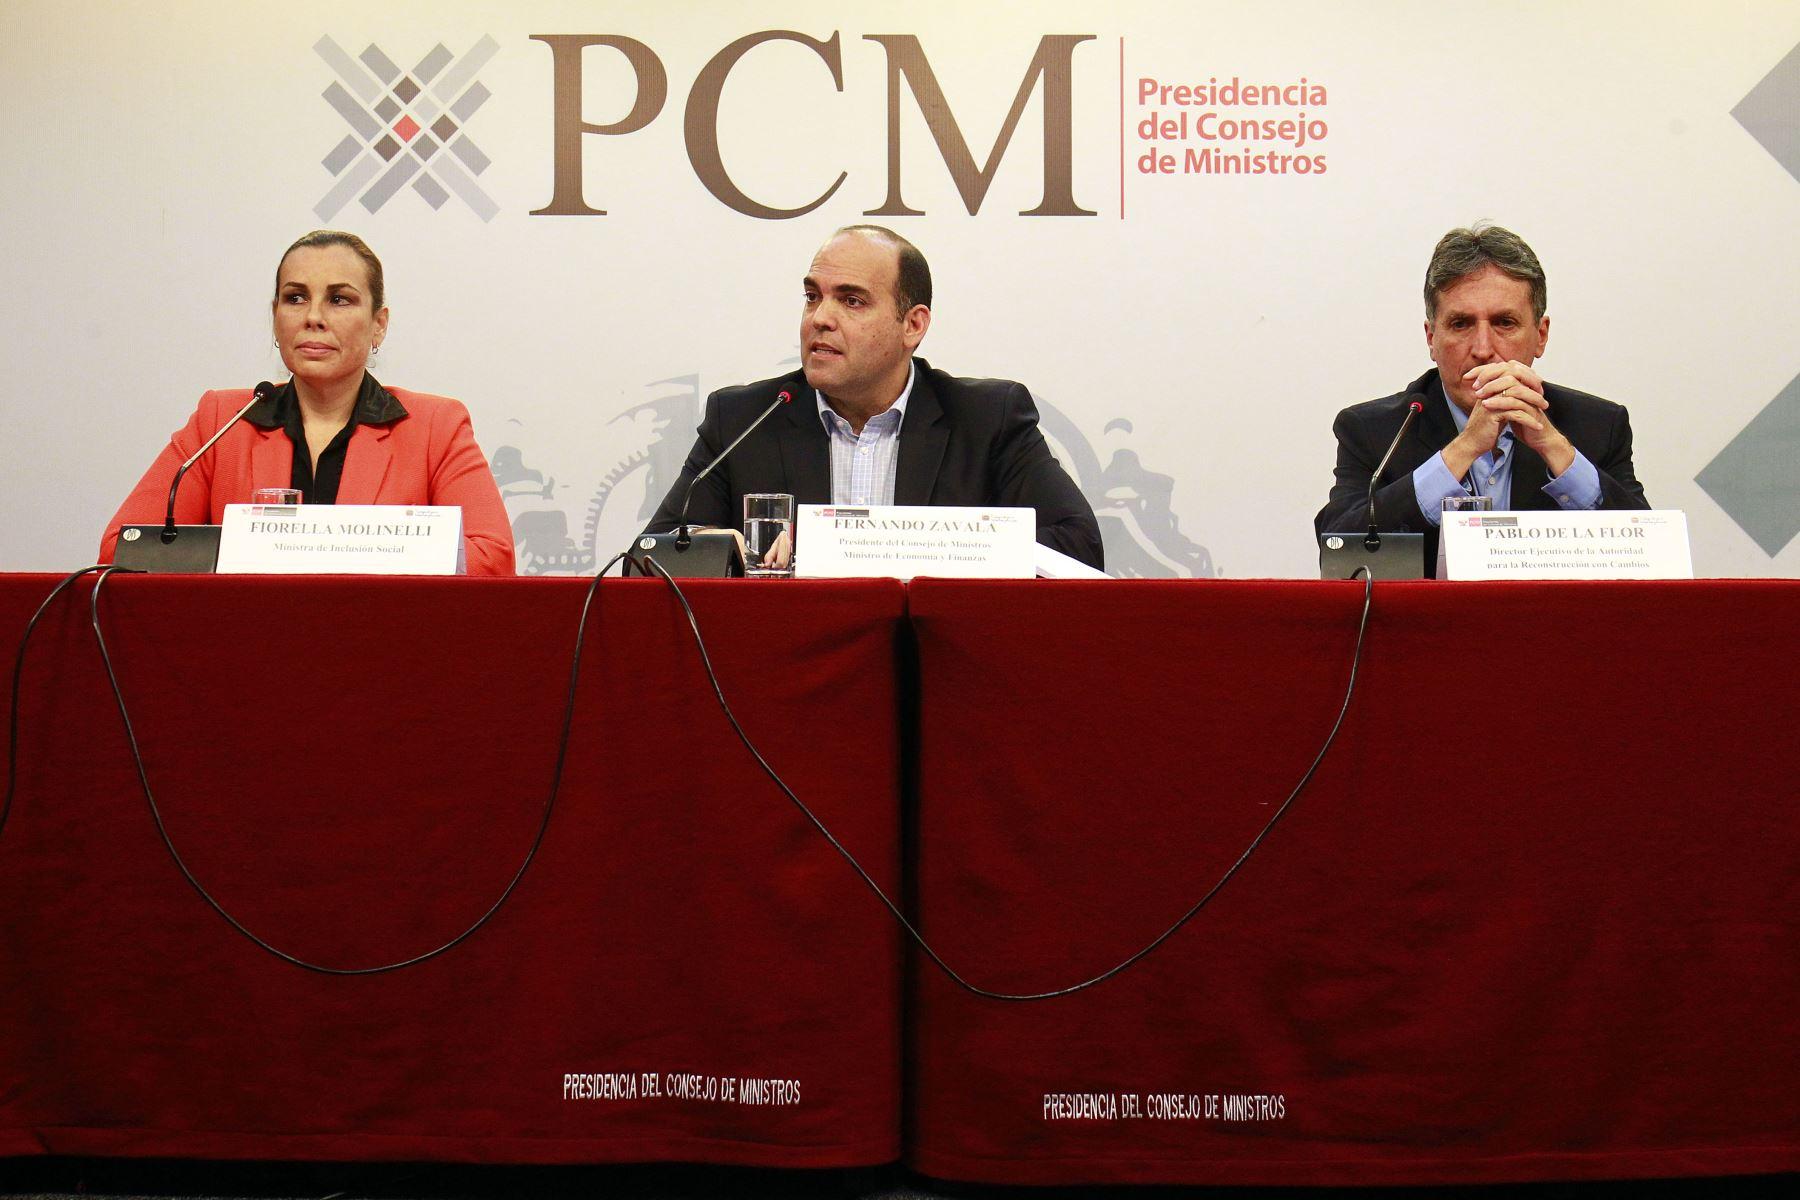 Gobierno oficializa el Plan Integral de la Reconstrucción con Cambios. ANDINA/Luis Iparraguirre